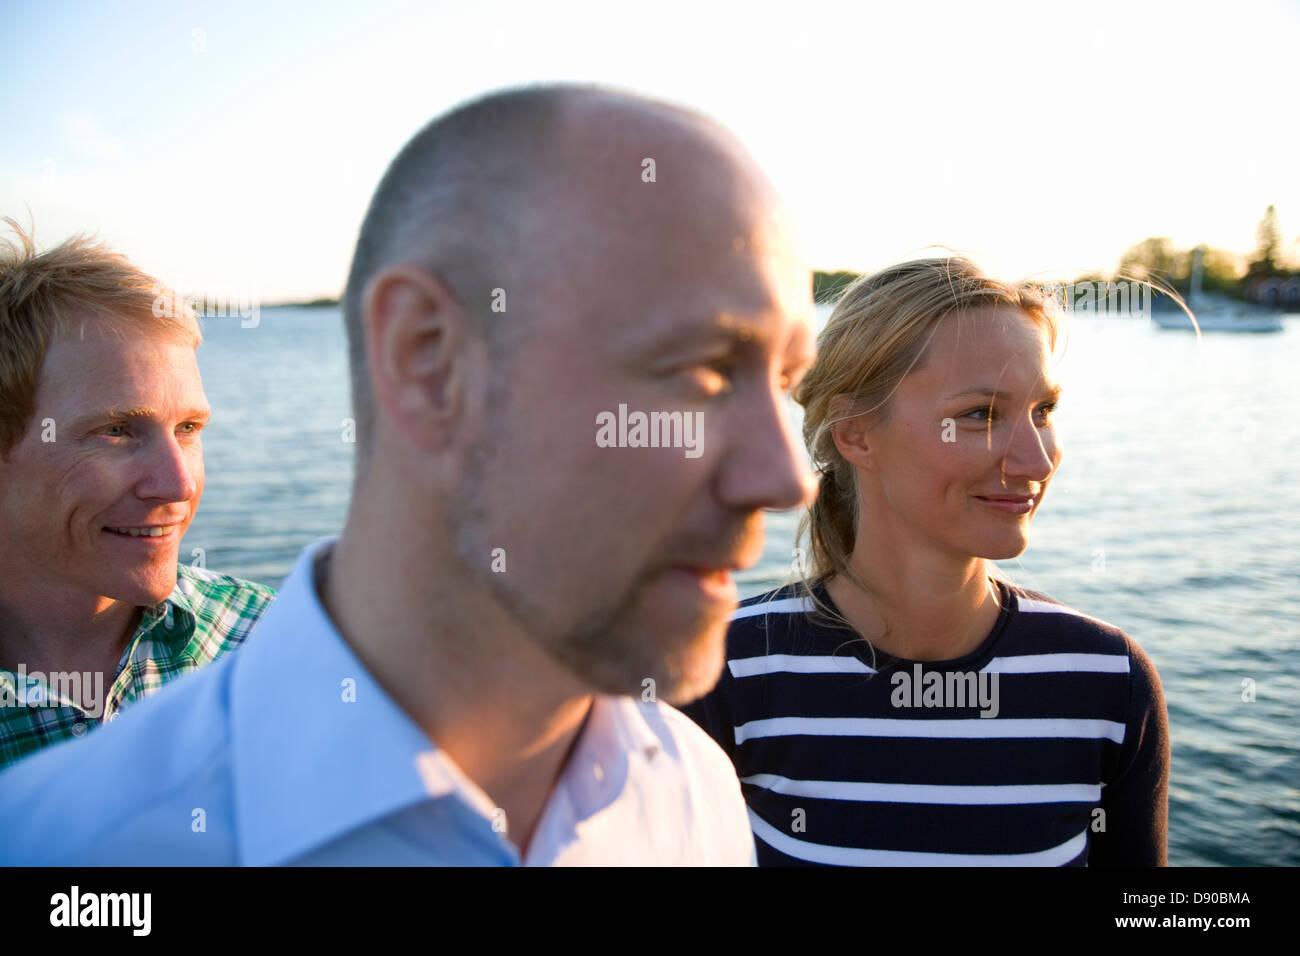 Trois personnes debout près de l'eau, Fejan, archipel de Stockholm, Suède. Banque D'Images